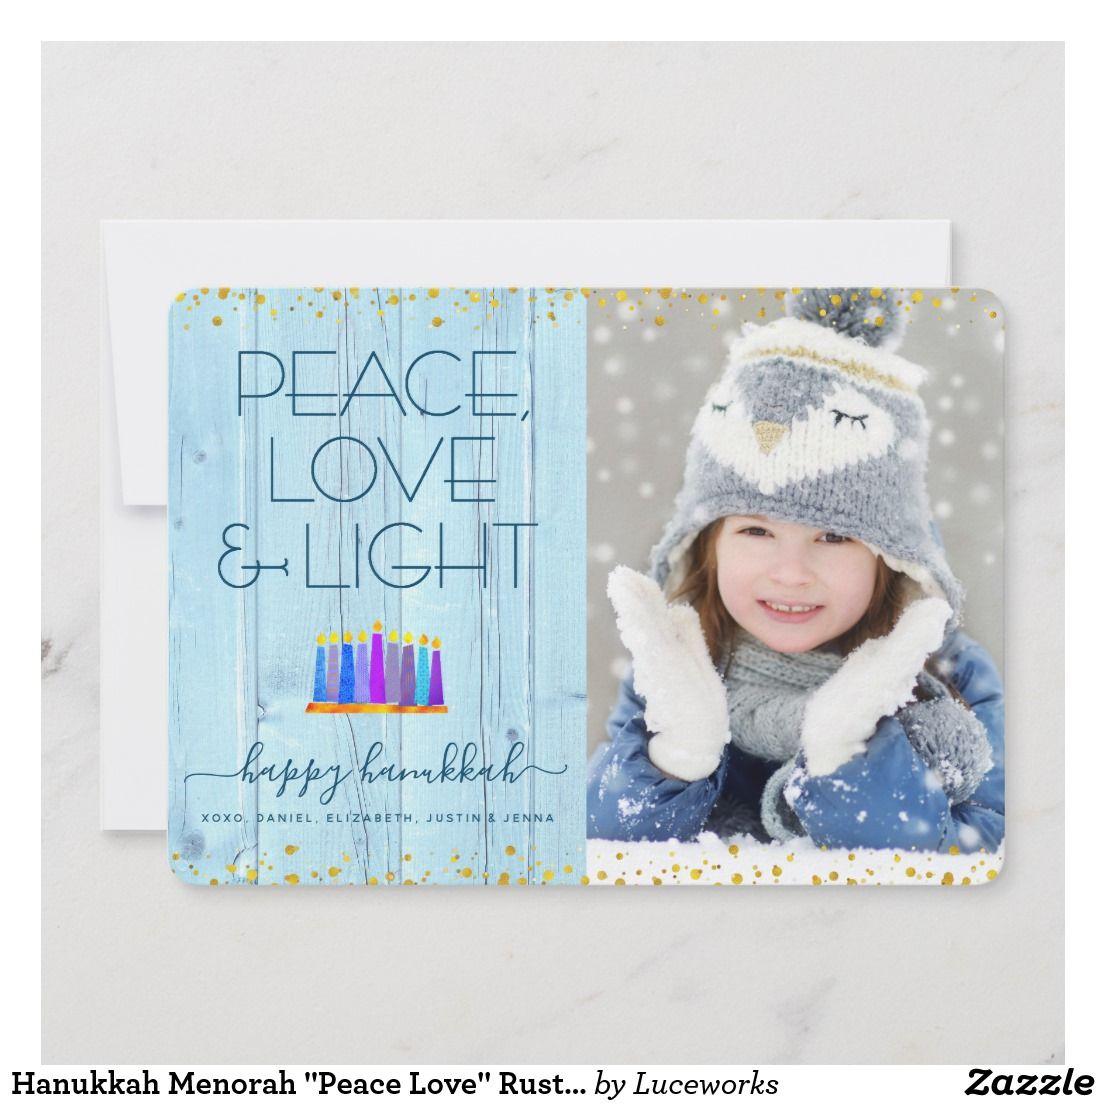 Hanukkah Menorah Peace Love Rustic Photo Flat Holiday